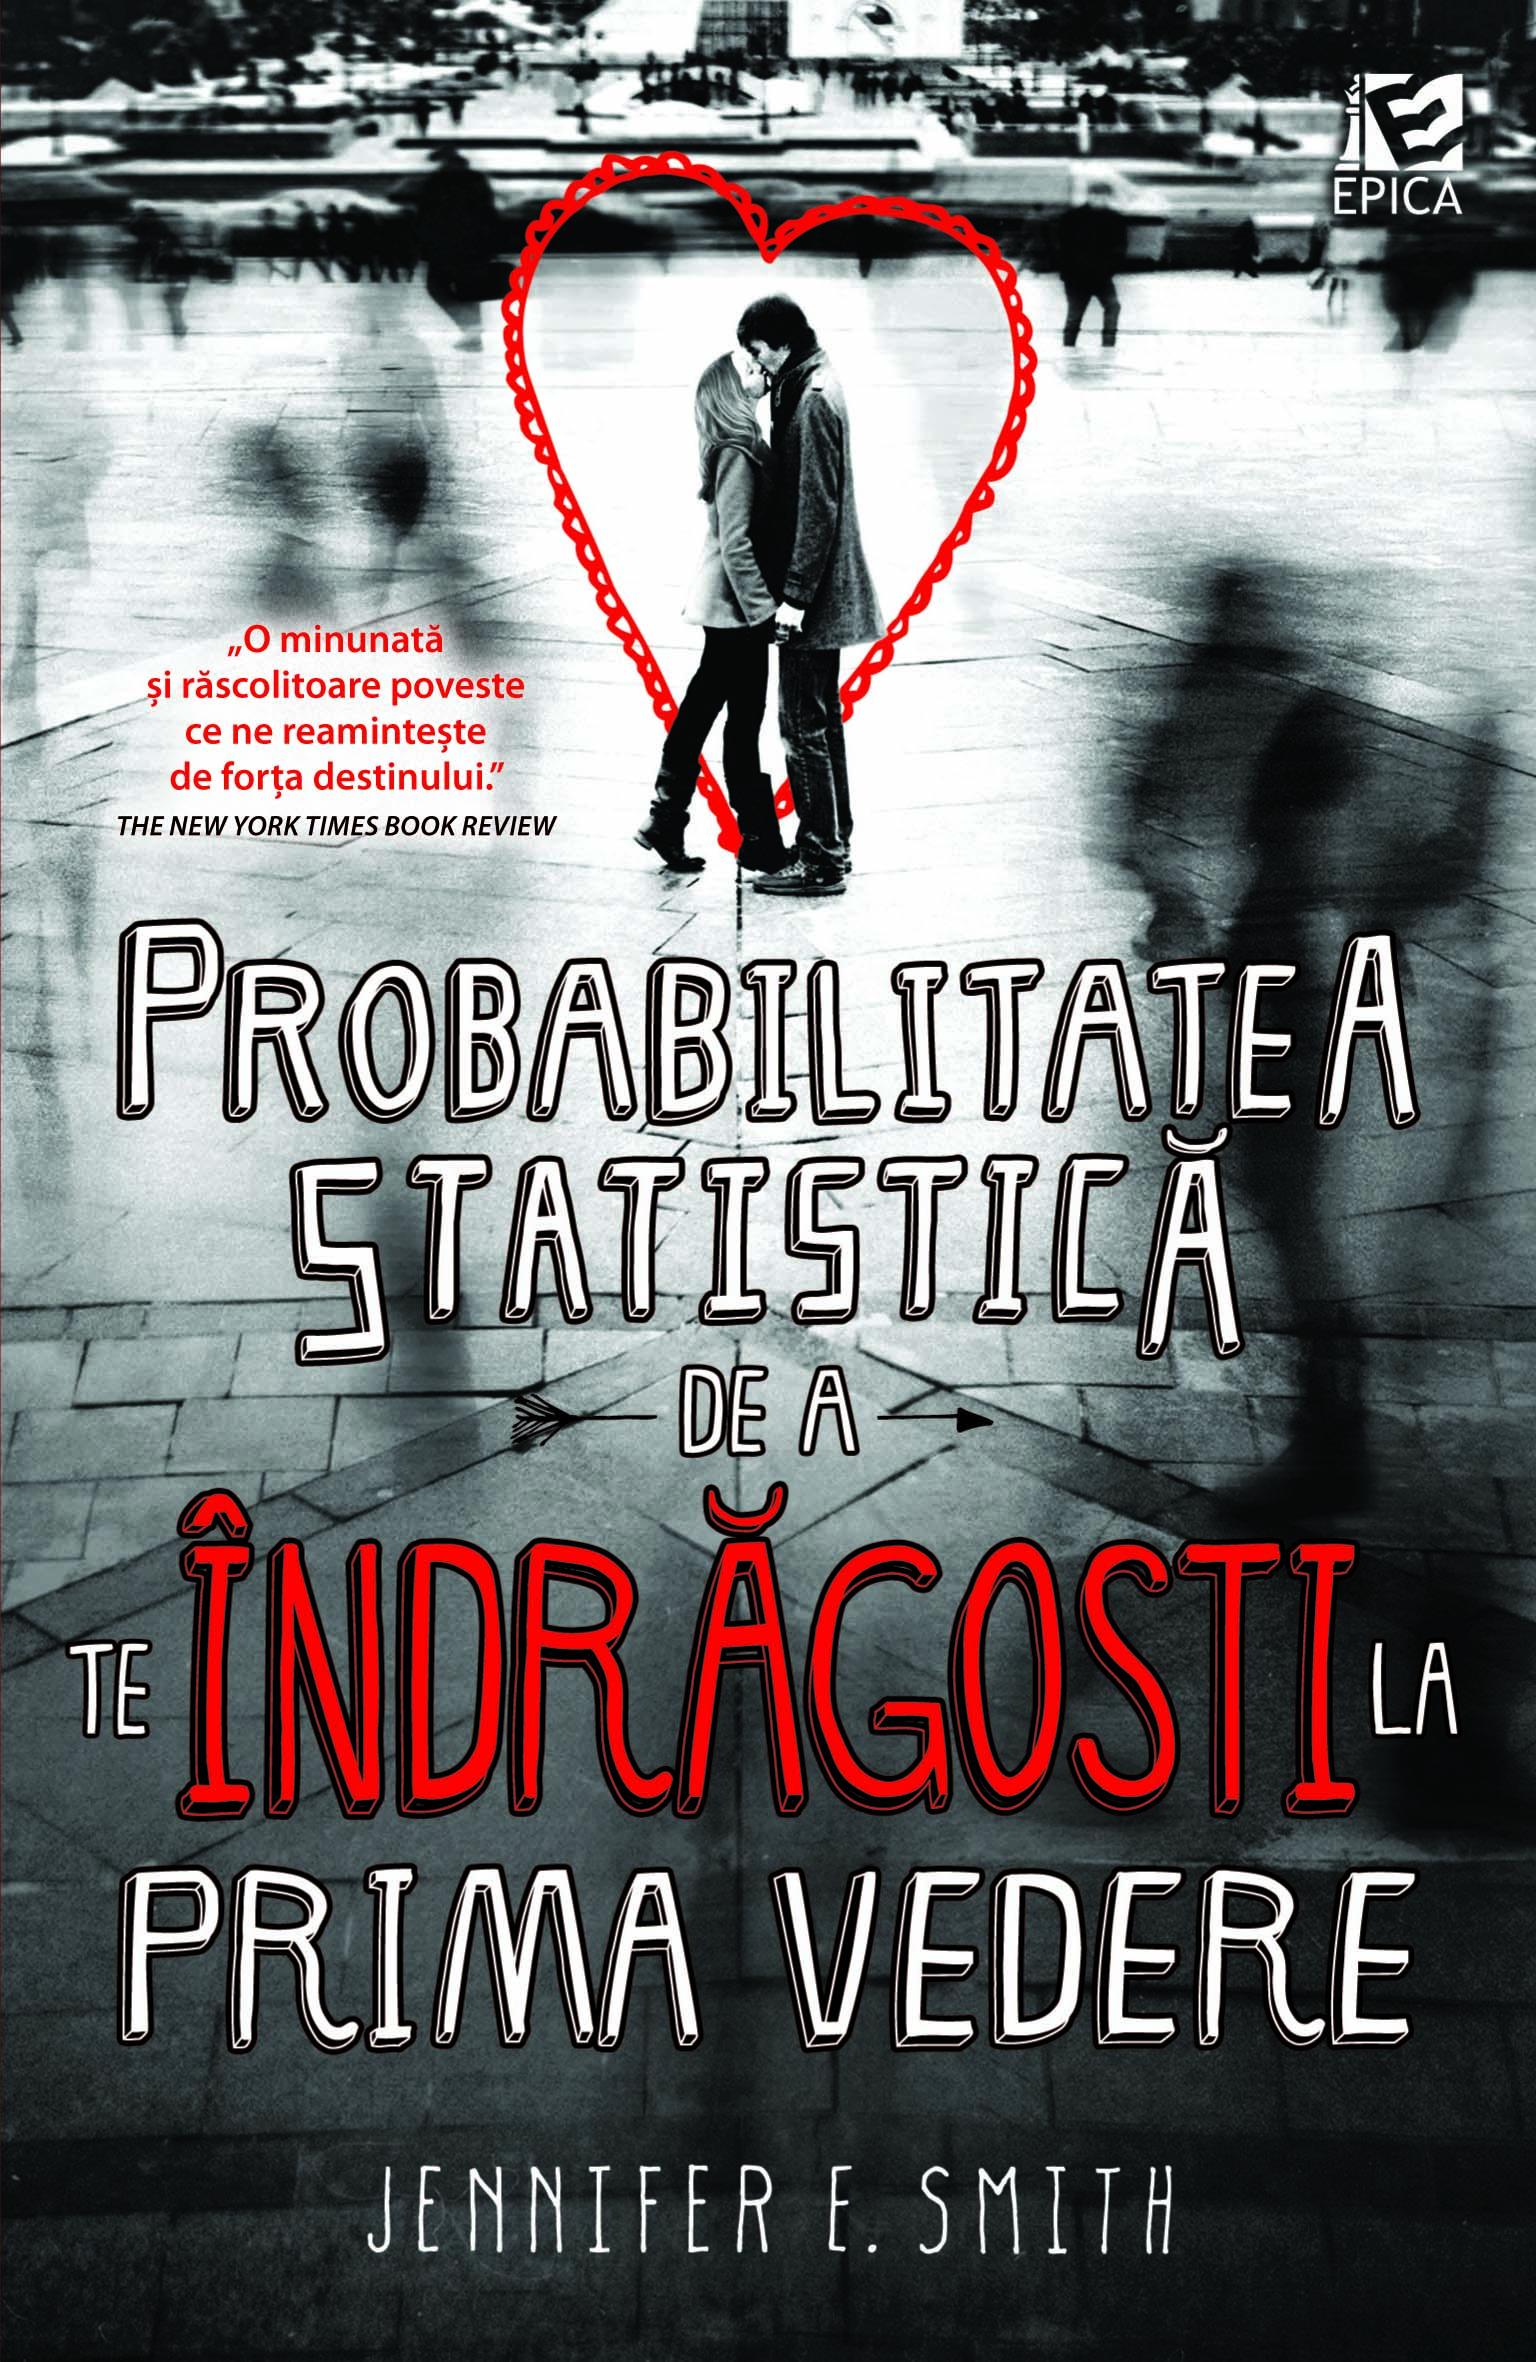 Probabilitatea statistică de a te îndrăgosti la prima vedere